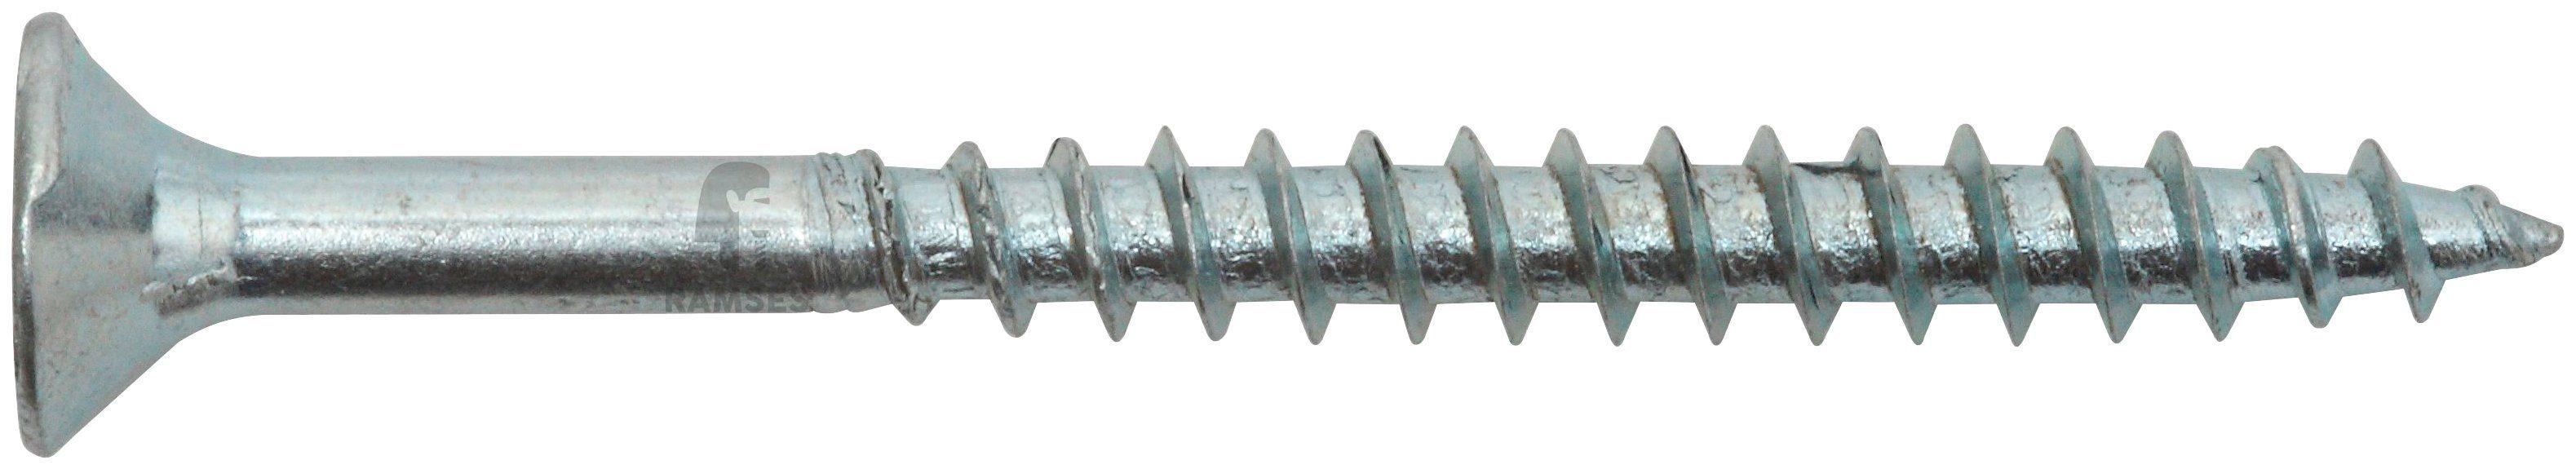 RAMSES Schrauben , Spanplattenschraube 6 x 180 mm PZ3 100 Stk.